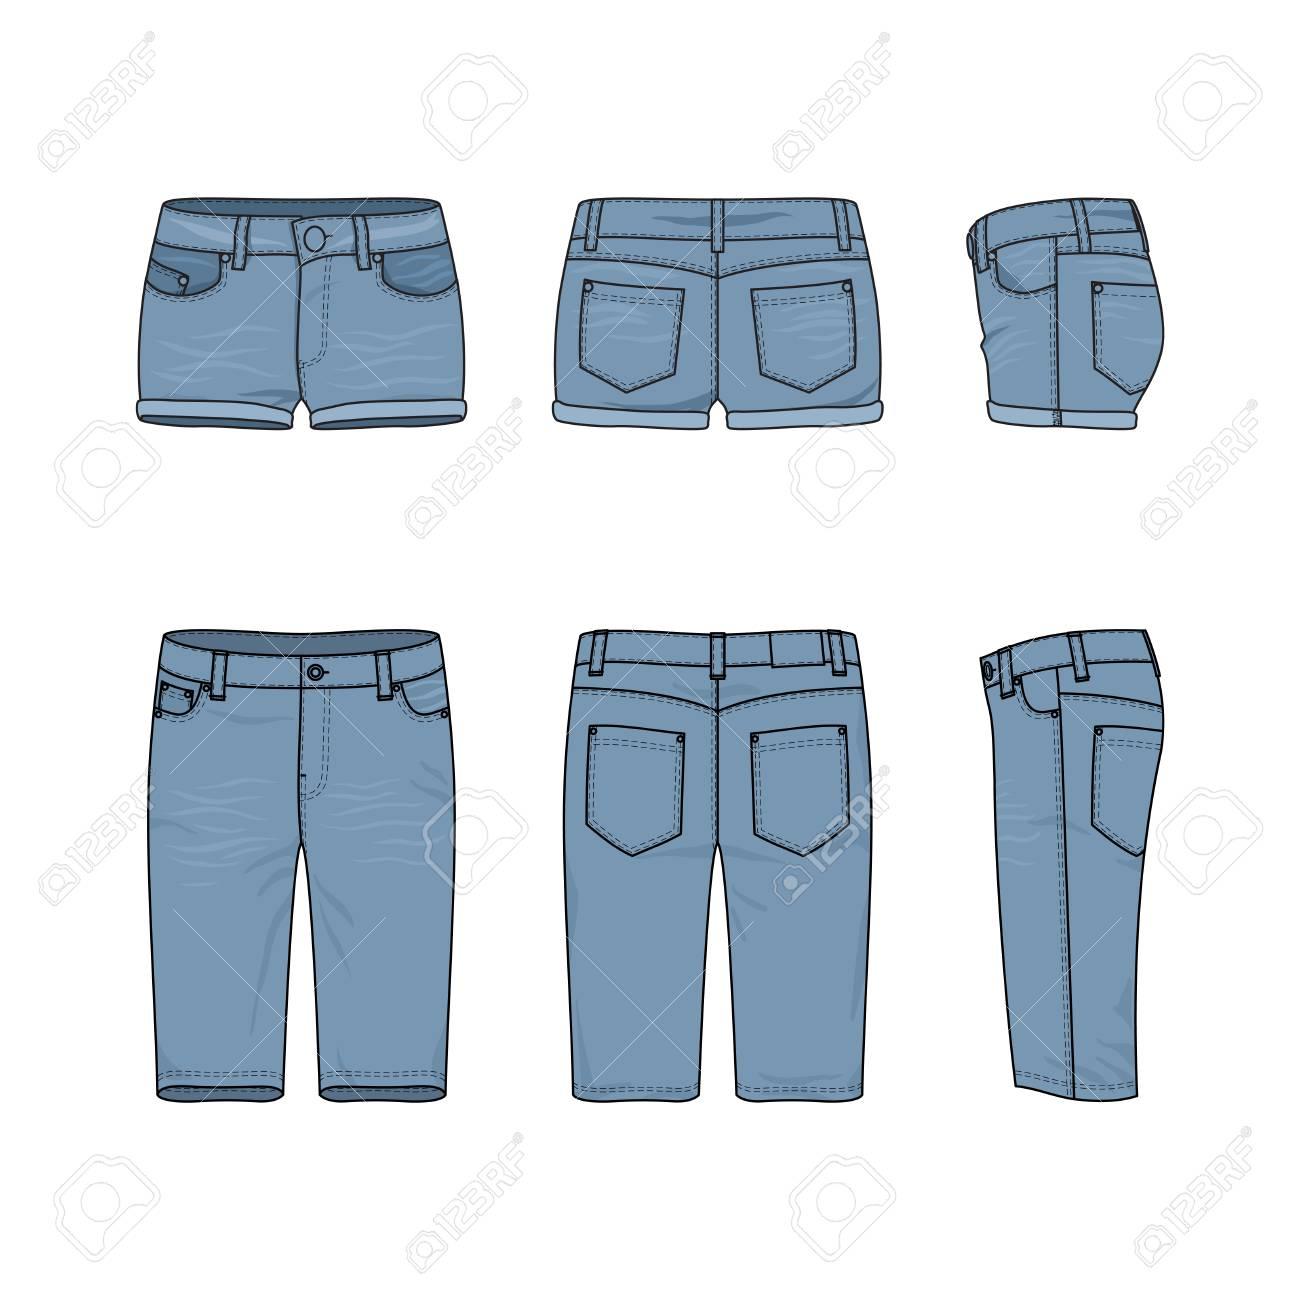 男性と女性のジーンズのショート パンツの空ベクトル テンプレート前面